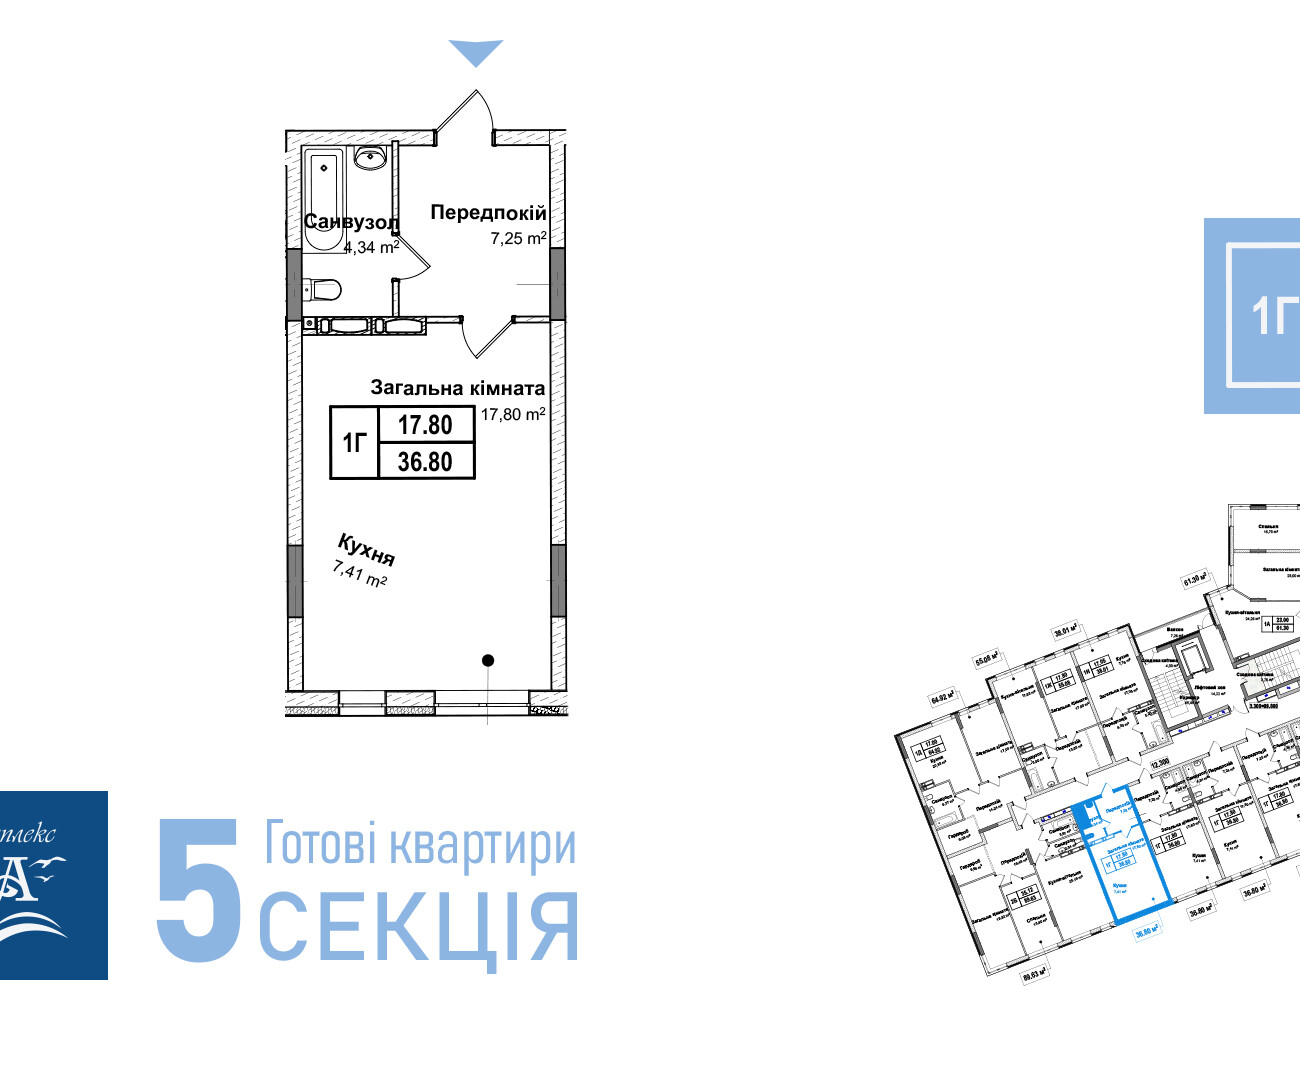 Секція 5 однокімнатна квартира 1г 36,80 м²